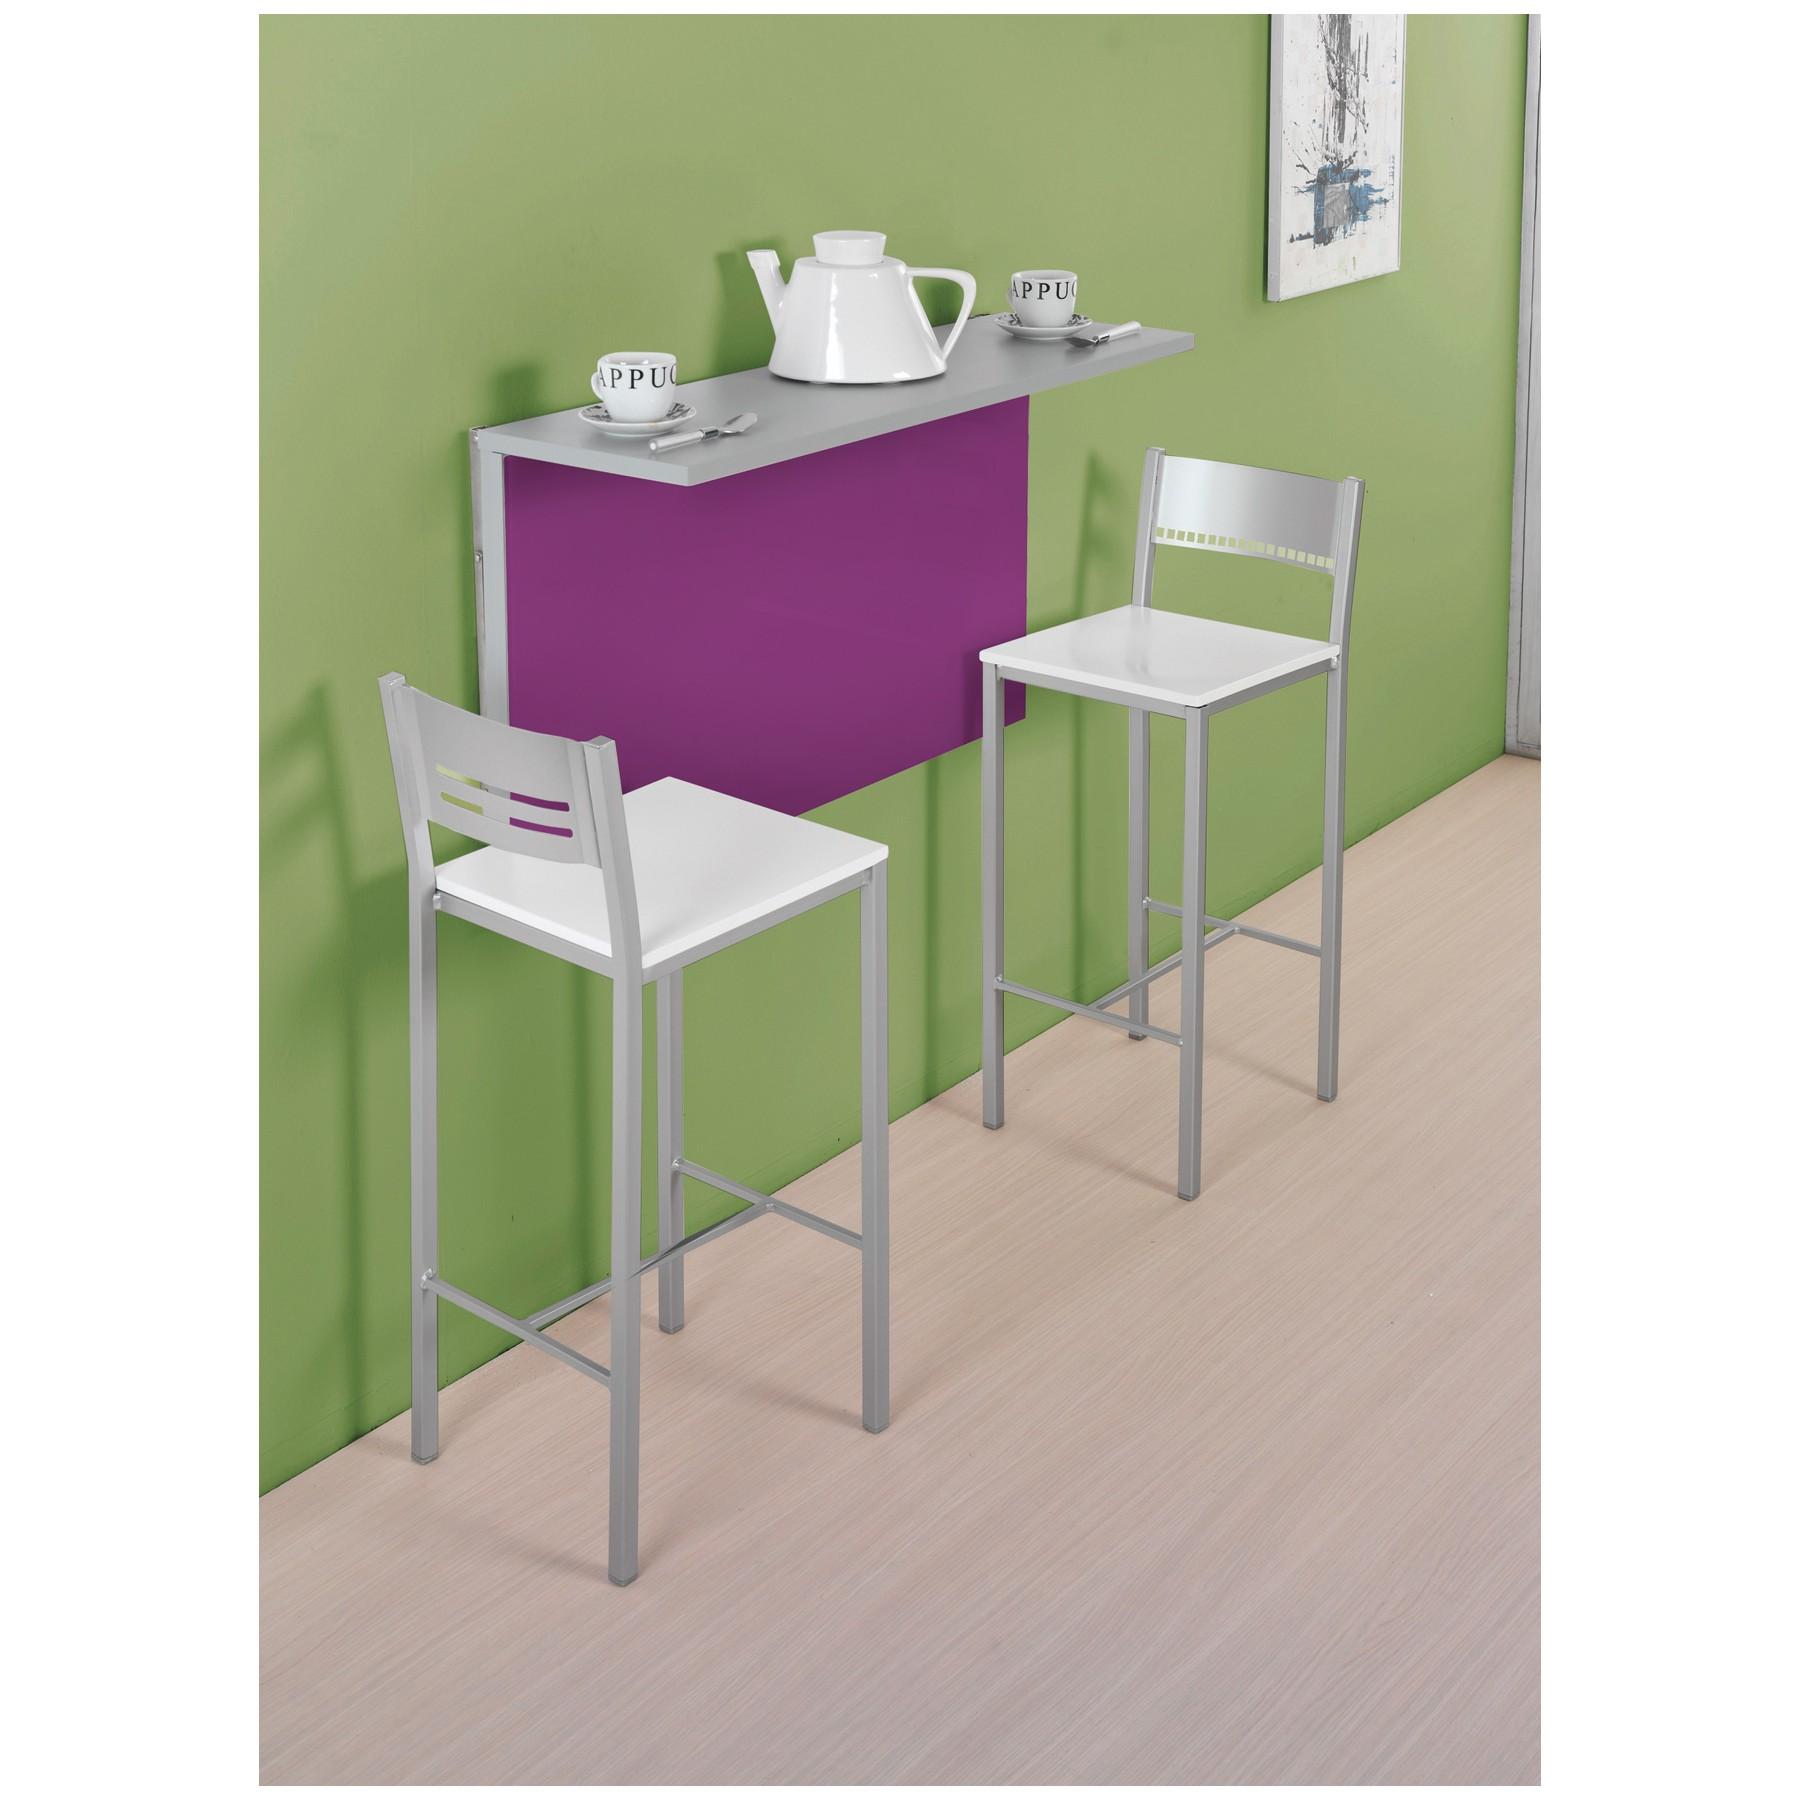 Taburetes cocina leroy merlin elegant affordable mesas de cocina con taburetes altos galera - Mesa cocina plegable leroy merlin ...